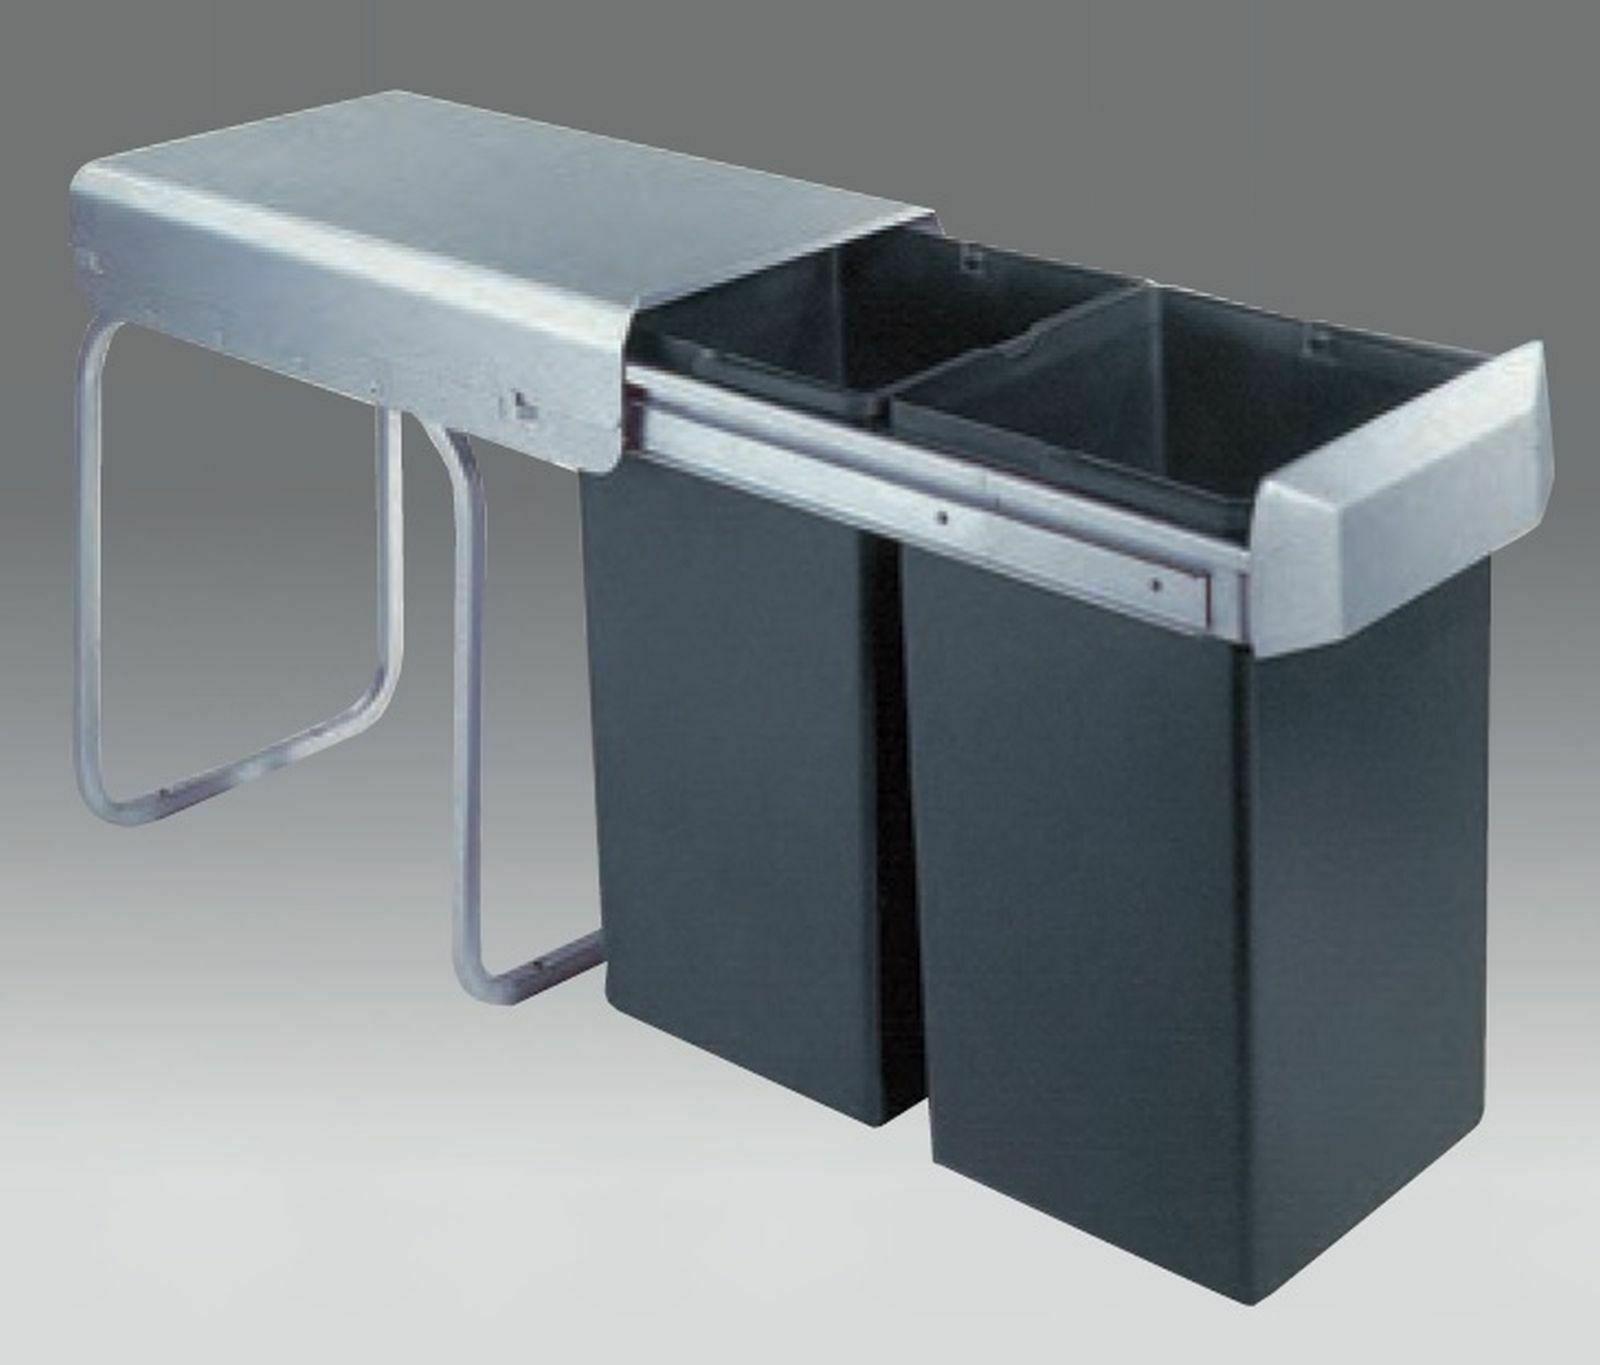 Küchen Mülleimer Abfalleimer Wesco Mülltrennung Einbau ab 30 cm Schrank  *515479